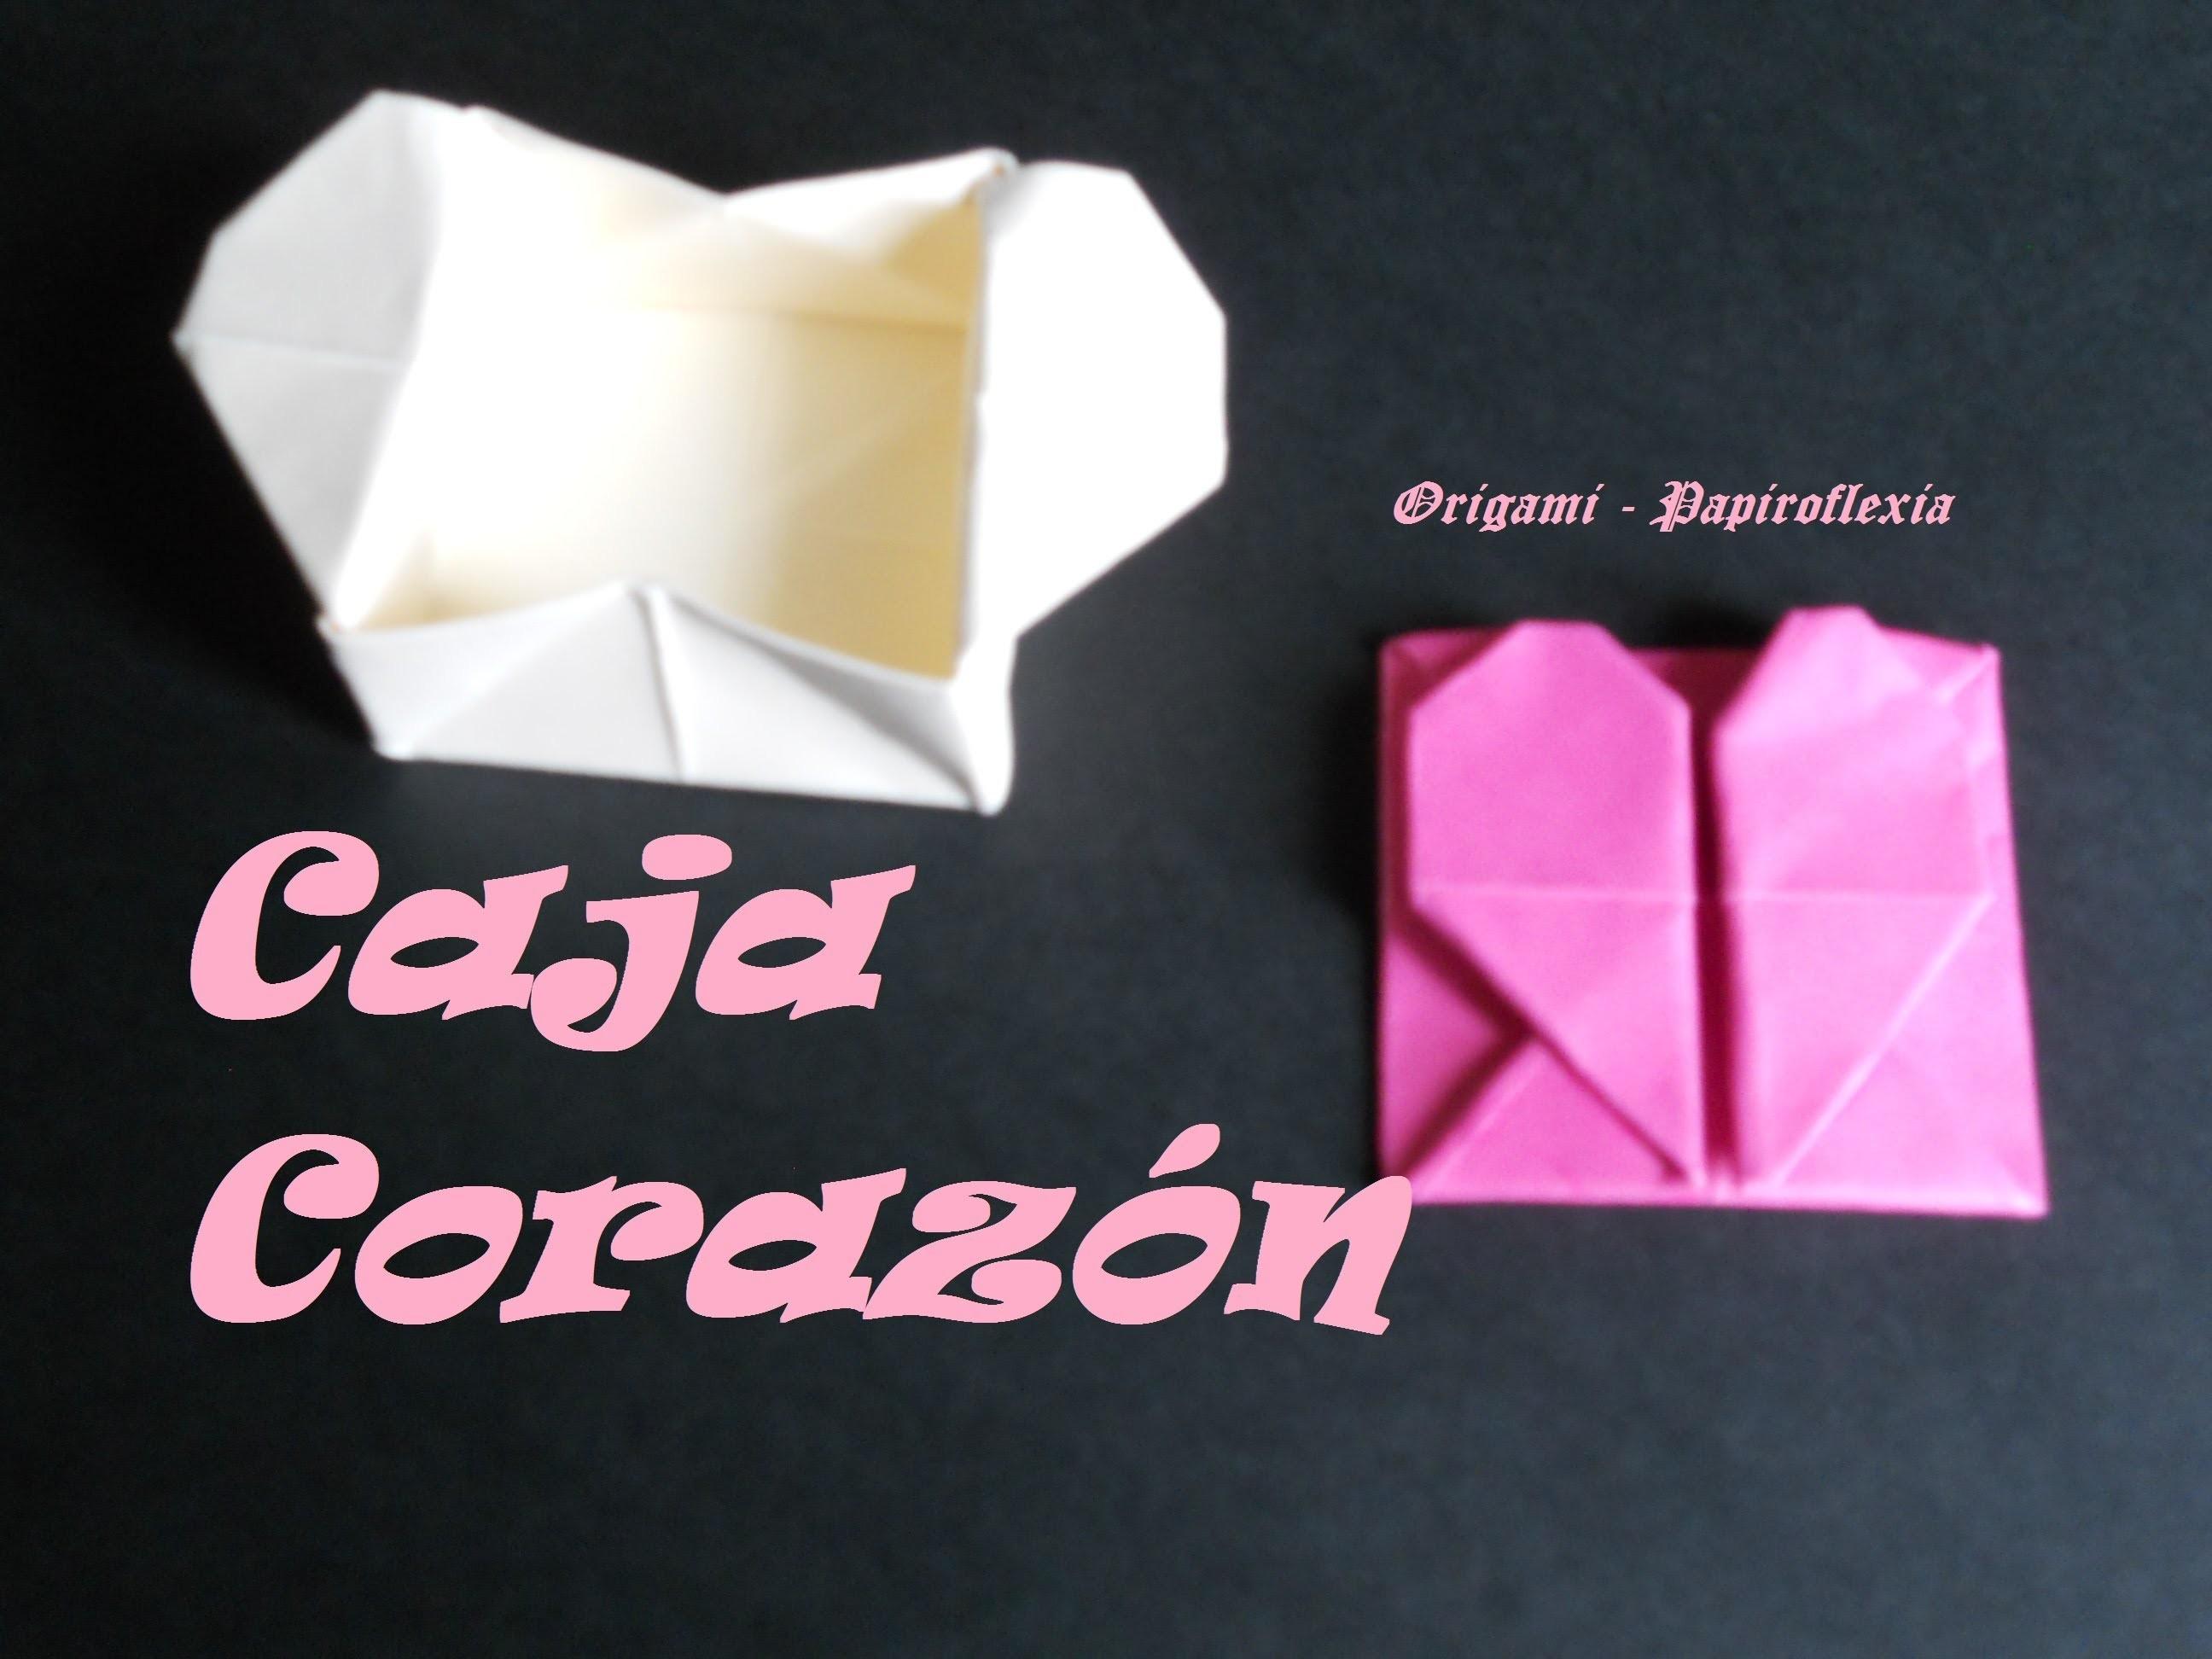 Origami - Papiroflexia. Caja corazón, fácil.